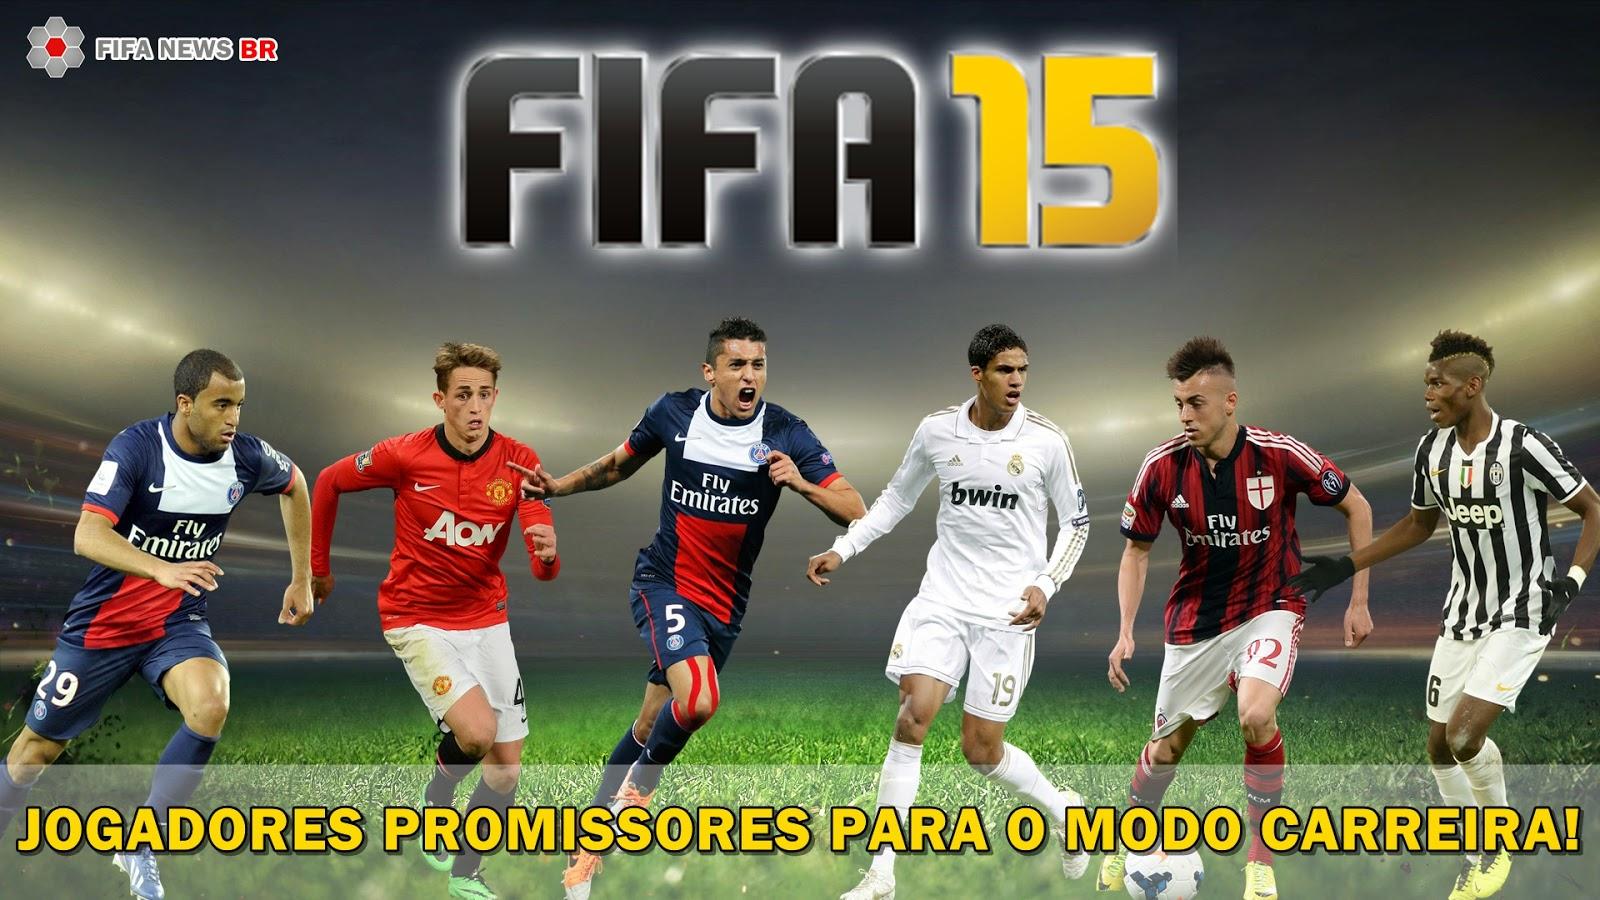 Fifa 15 Modo Carreira Fifa News Br